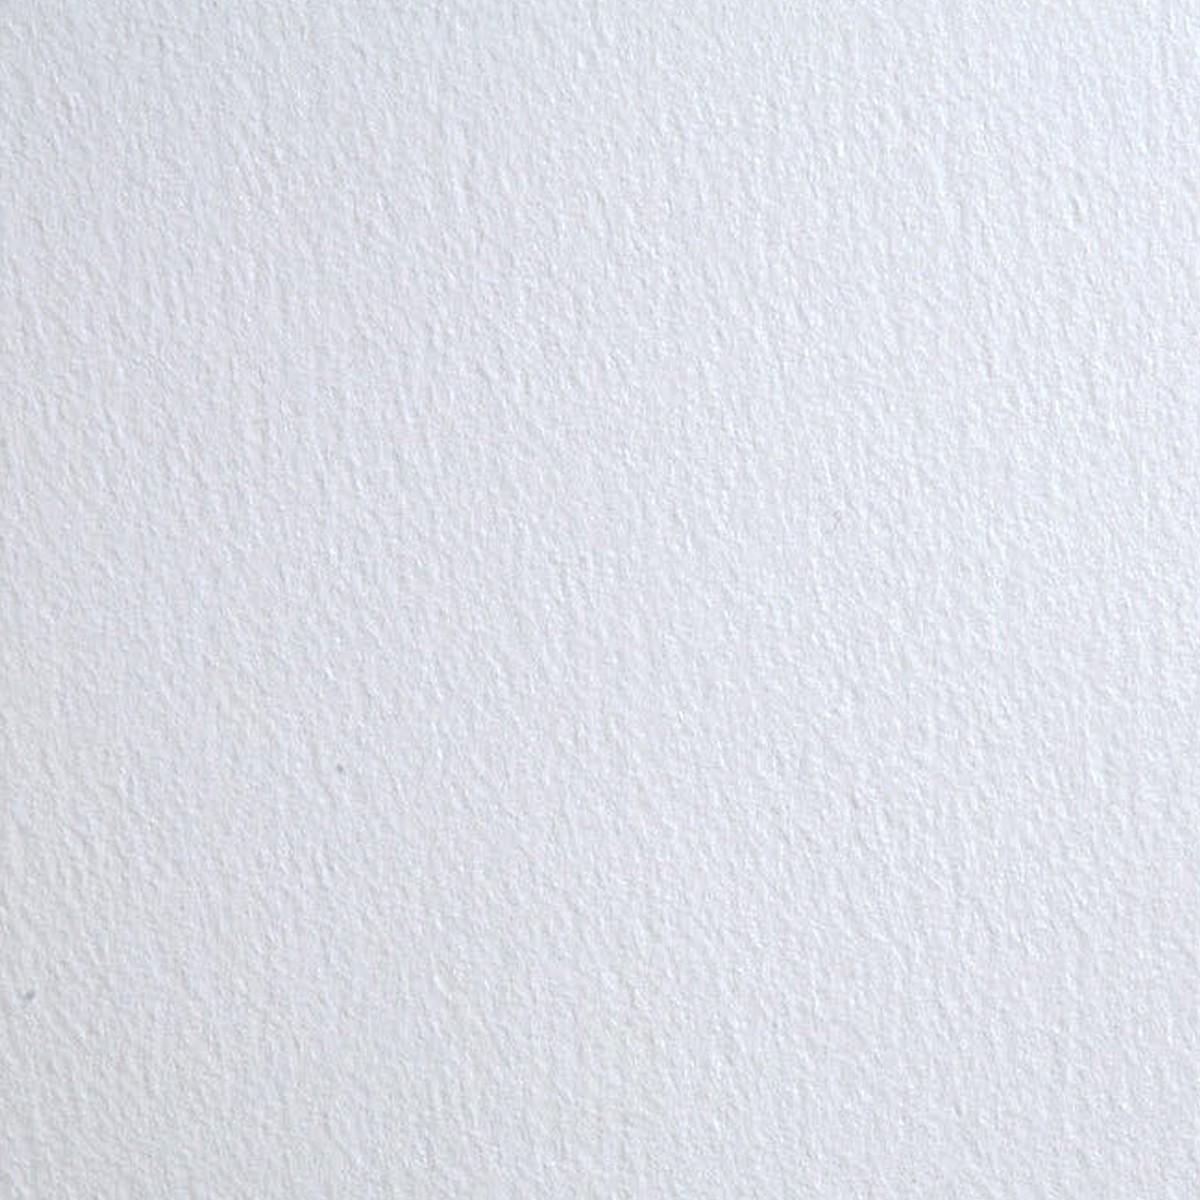 お取り寄せ品 水彩紙 ラングトン 中性紙 中目 560x760mm 20枚 【 描画用紙 絵画 スケッチ 水彩 用紙 】